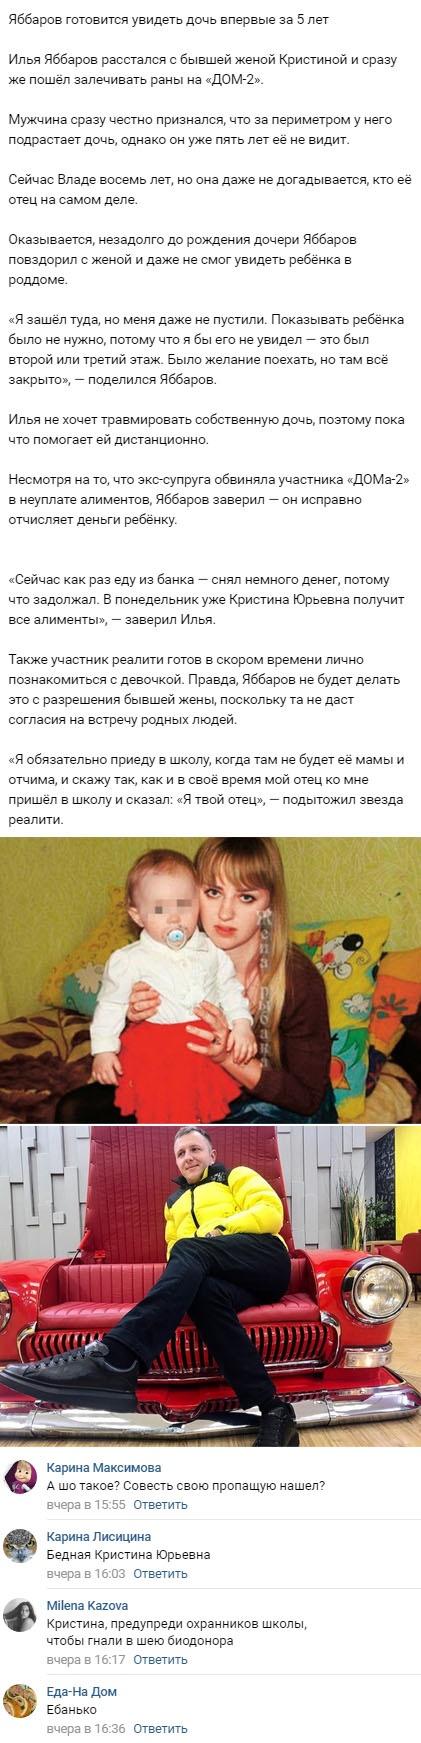 Илья Яббаров решил вернуться к своей 5-ти летней дочери